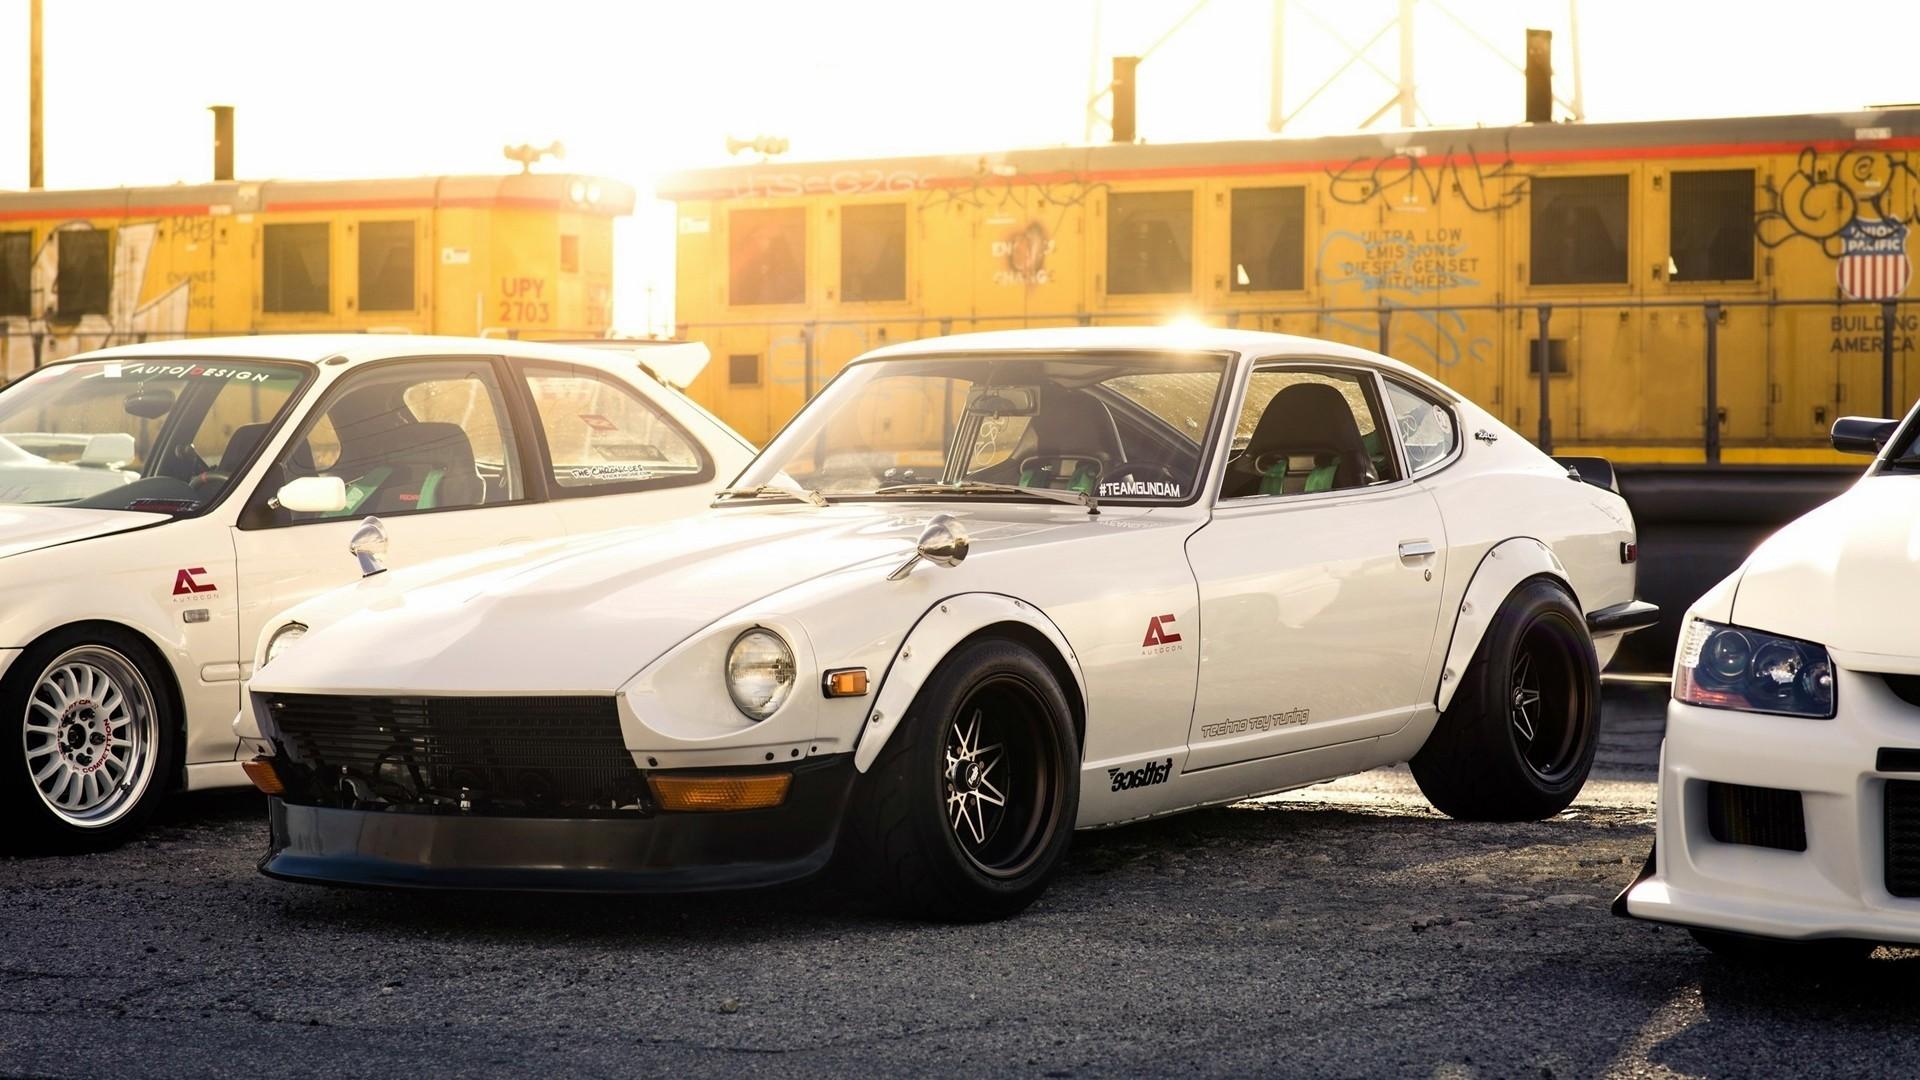 cars, Mitsubishi, Nissan, roads, vehicles, Mitsubishi .